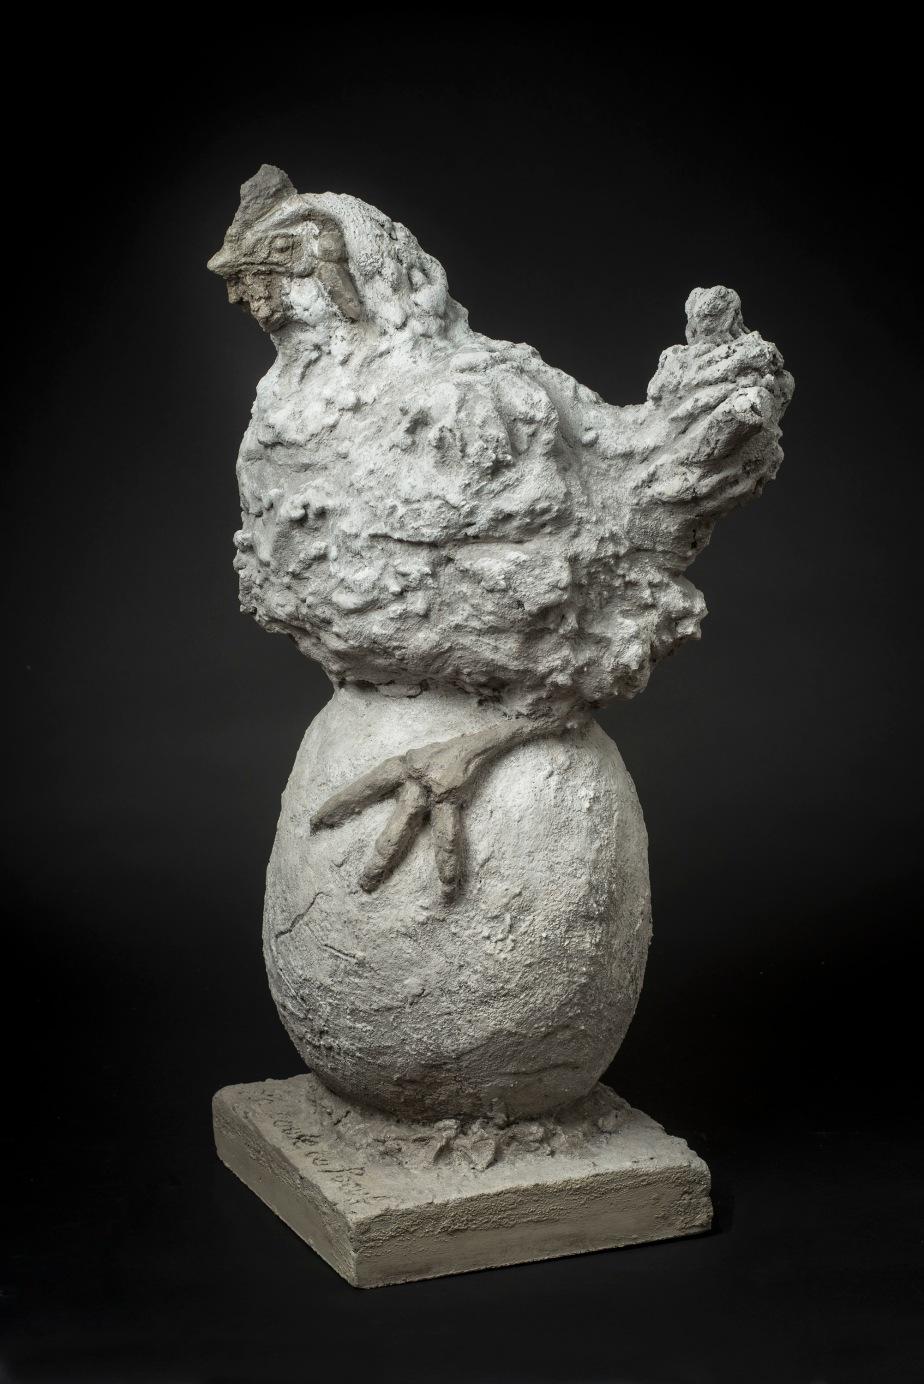 loeuf-ou-la-poule-ciment-1-de-1